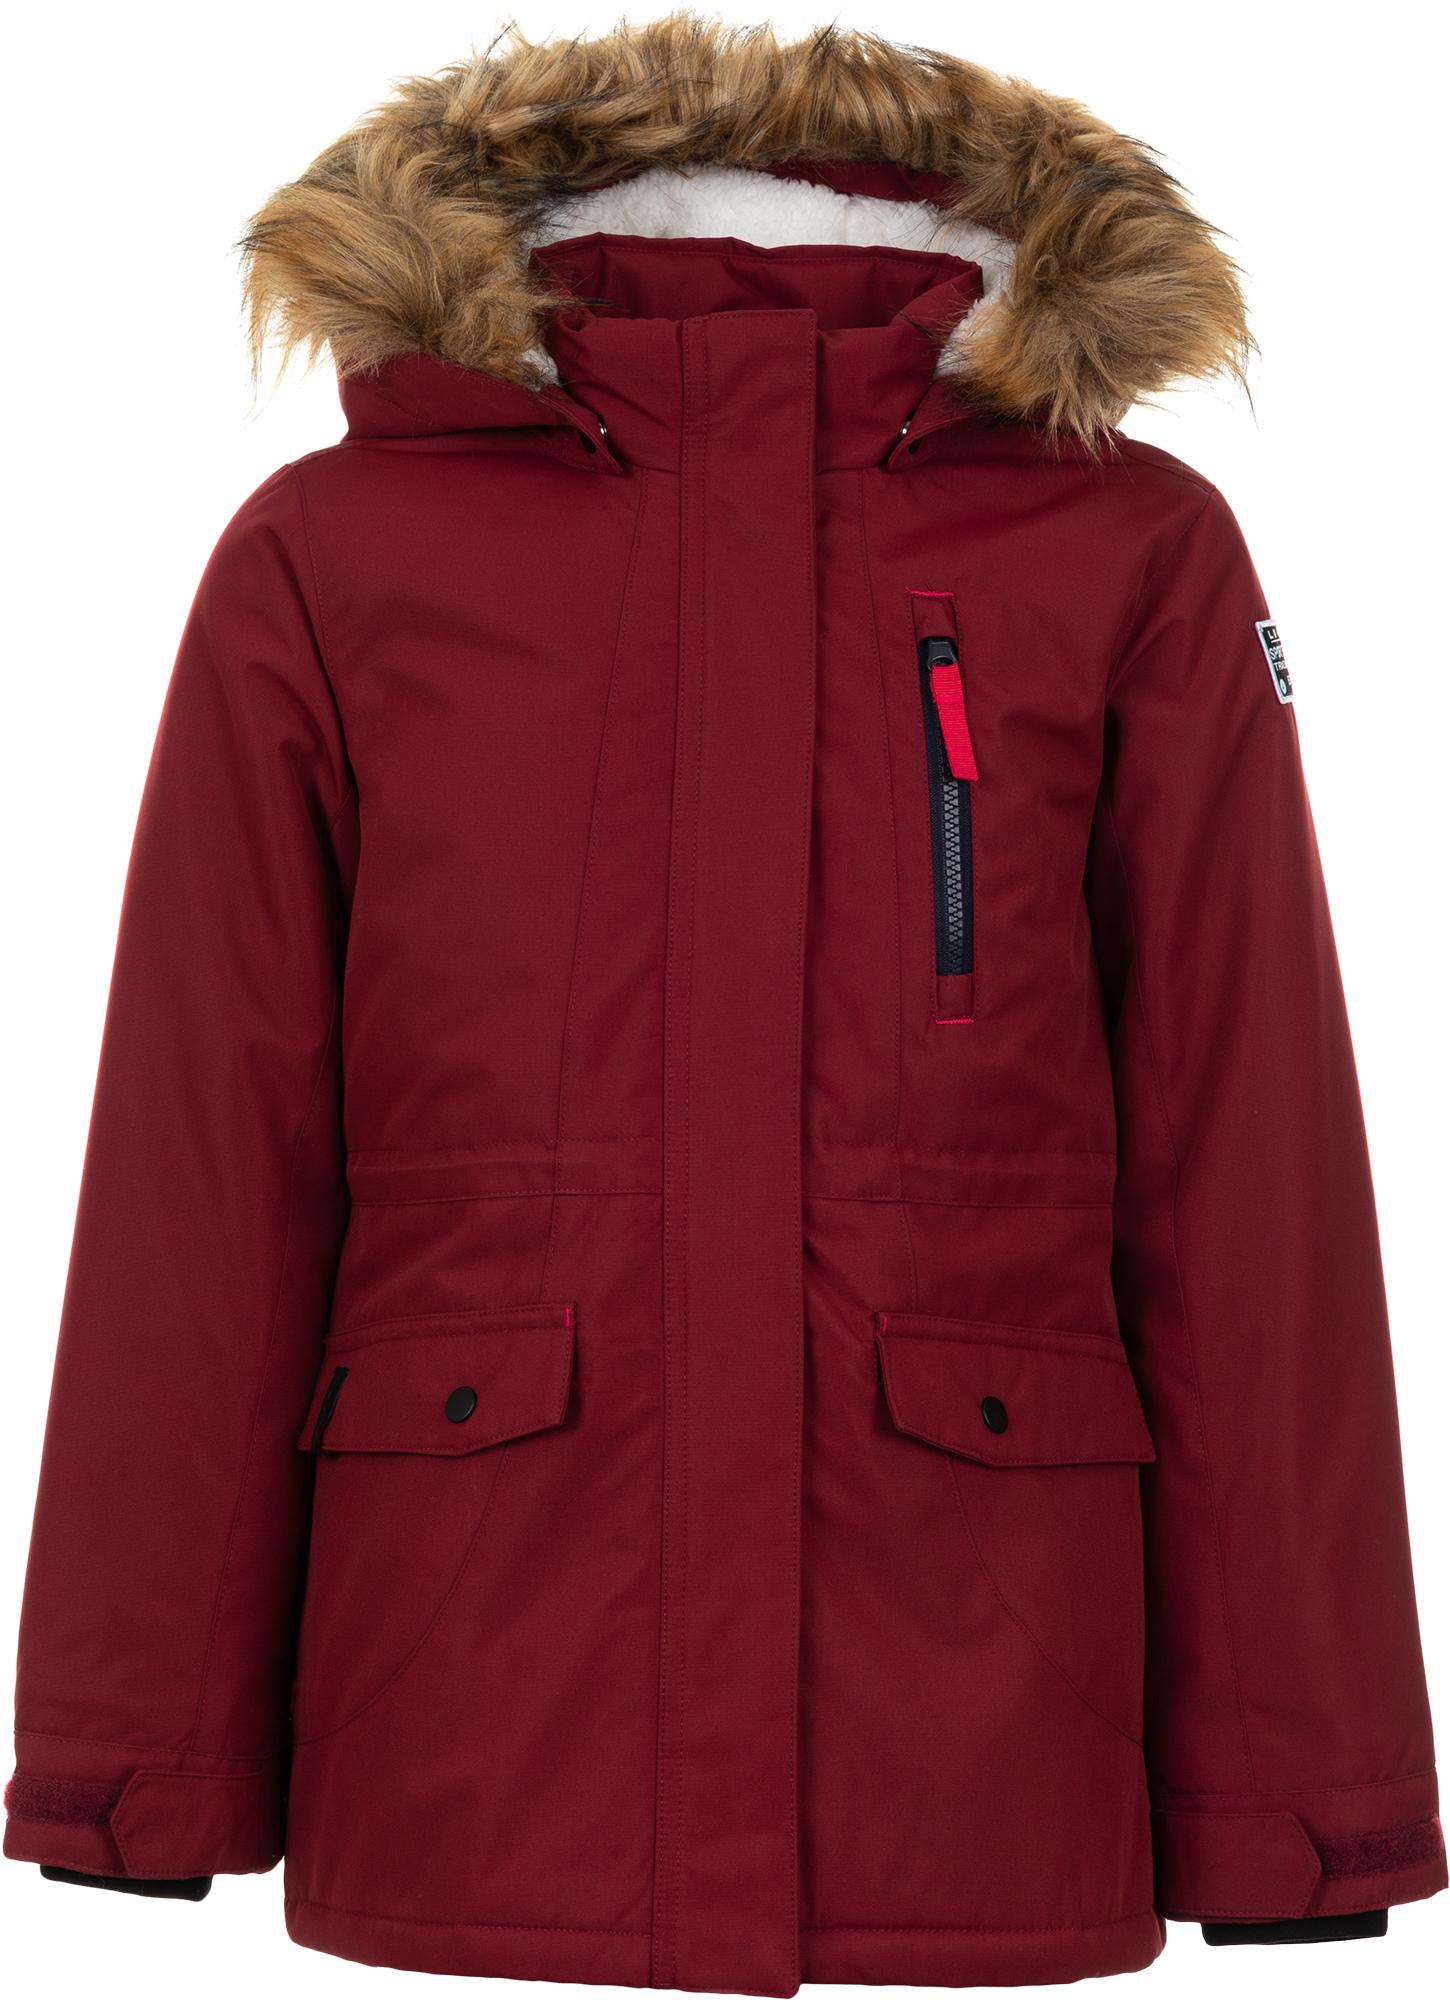 Luhta Куртка утепленная для девочек Karin, размер 152